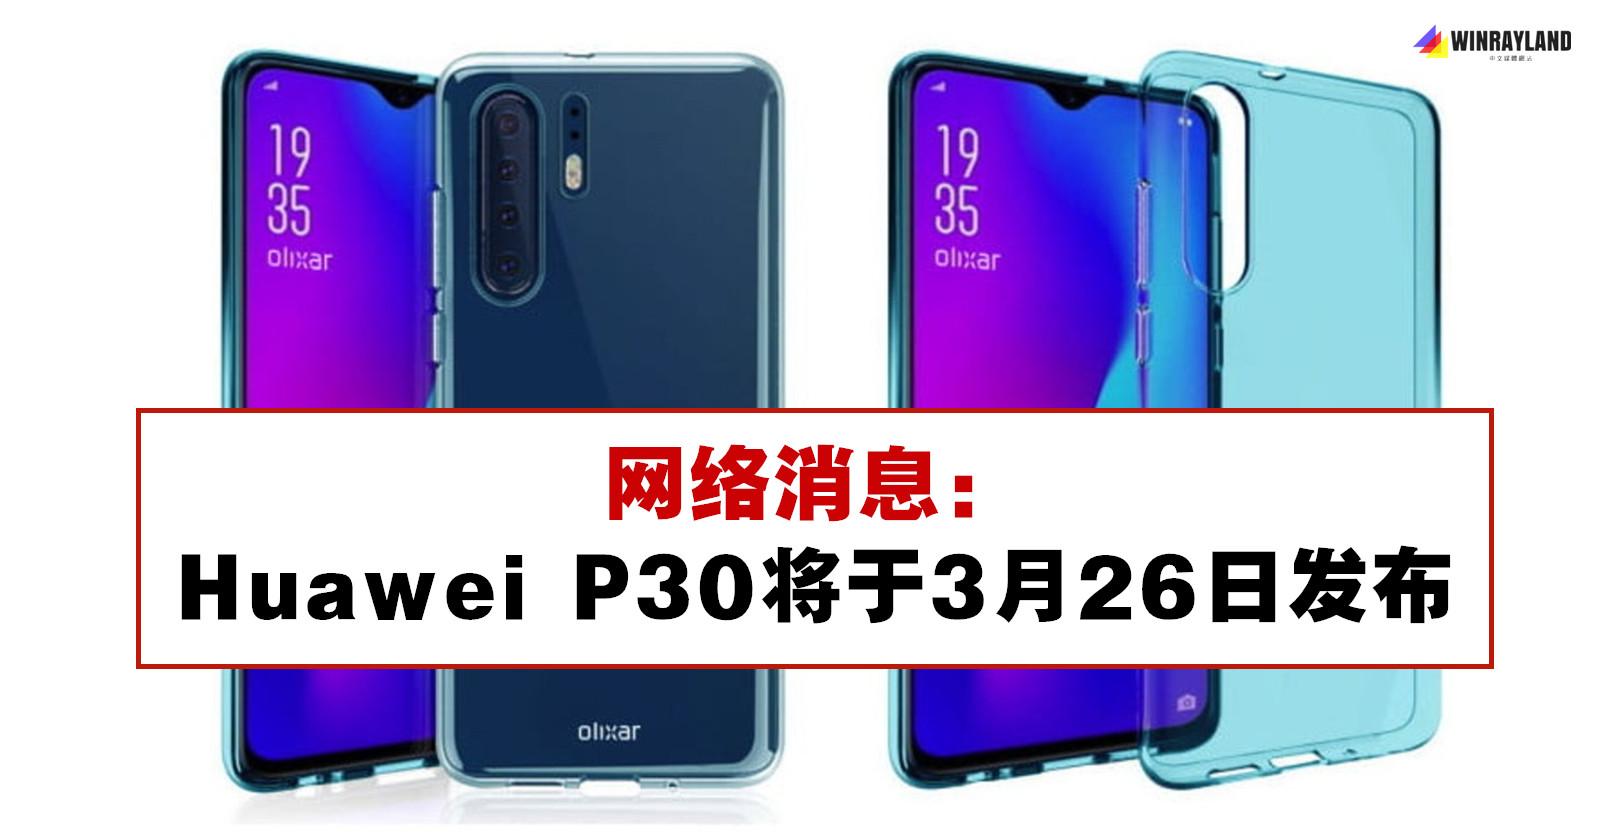 网络消息:Huawei P30将于3月26日发布